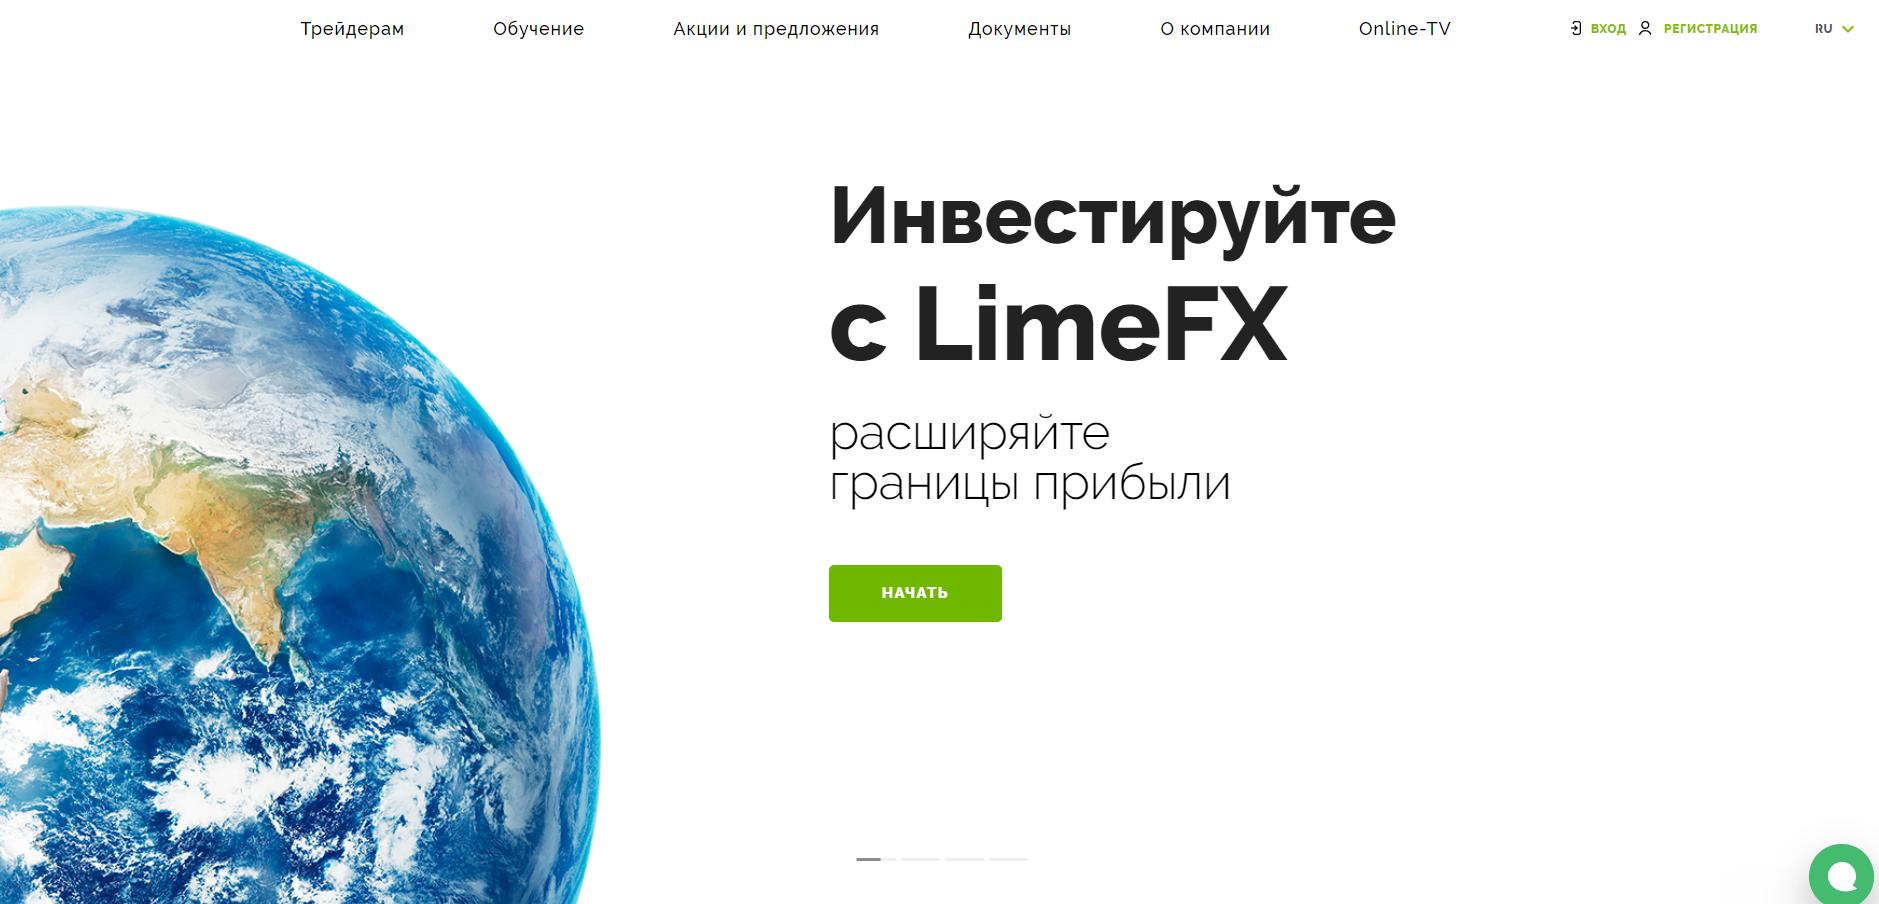 LimeFX: отзывы и обзор о независимом брокере